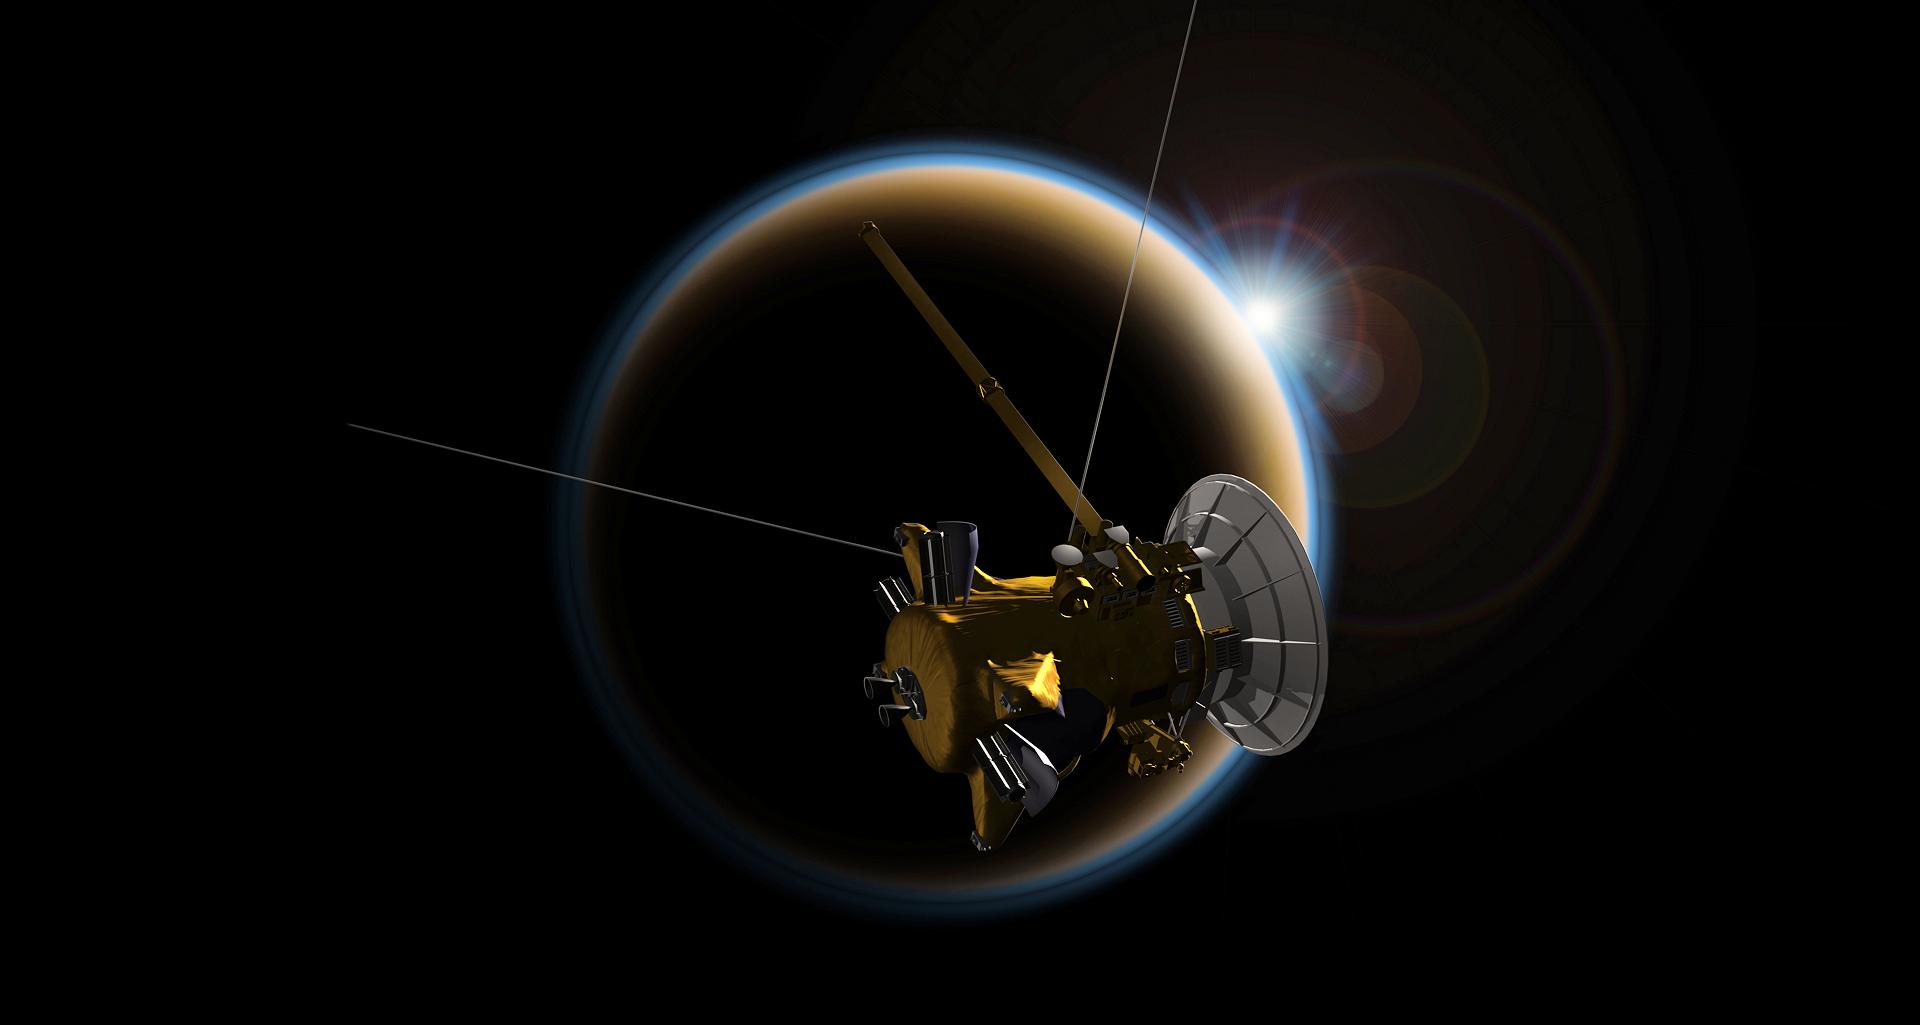 Cassini orbiter_1920